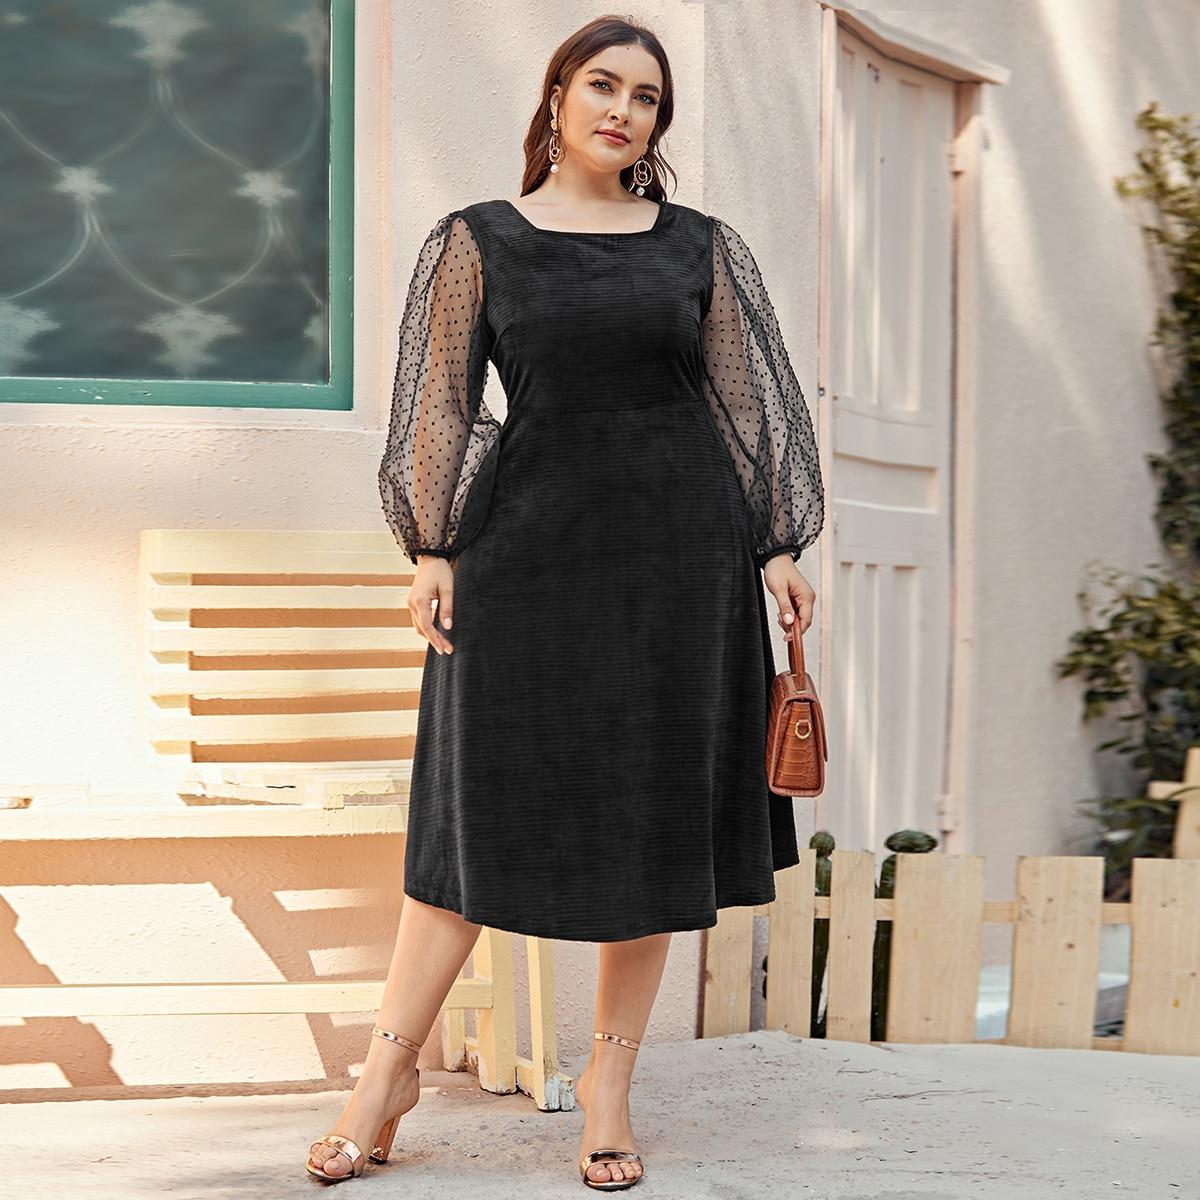 Бархатное платье размера плюс в рубчик с сетчатым рукавом и квадратным воротником